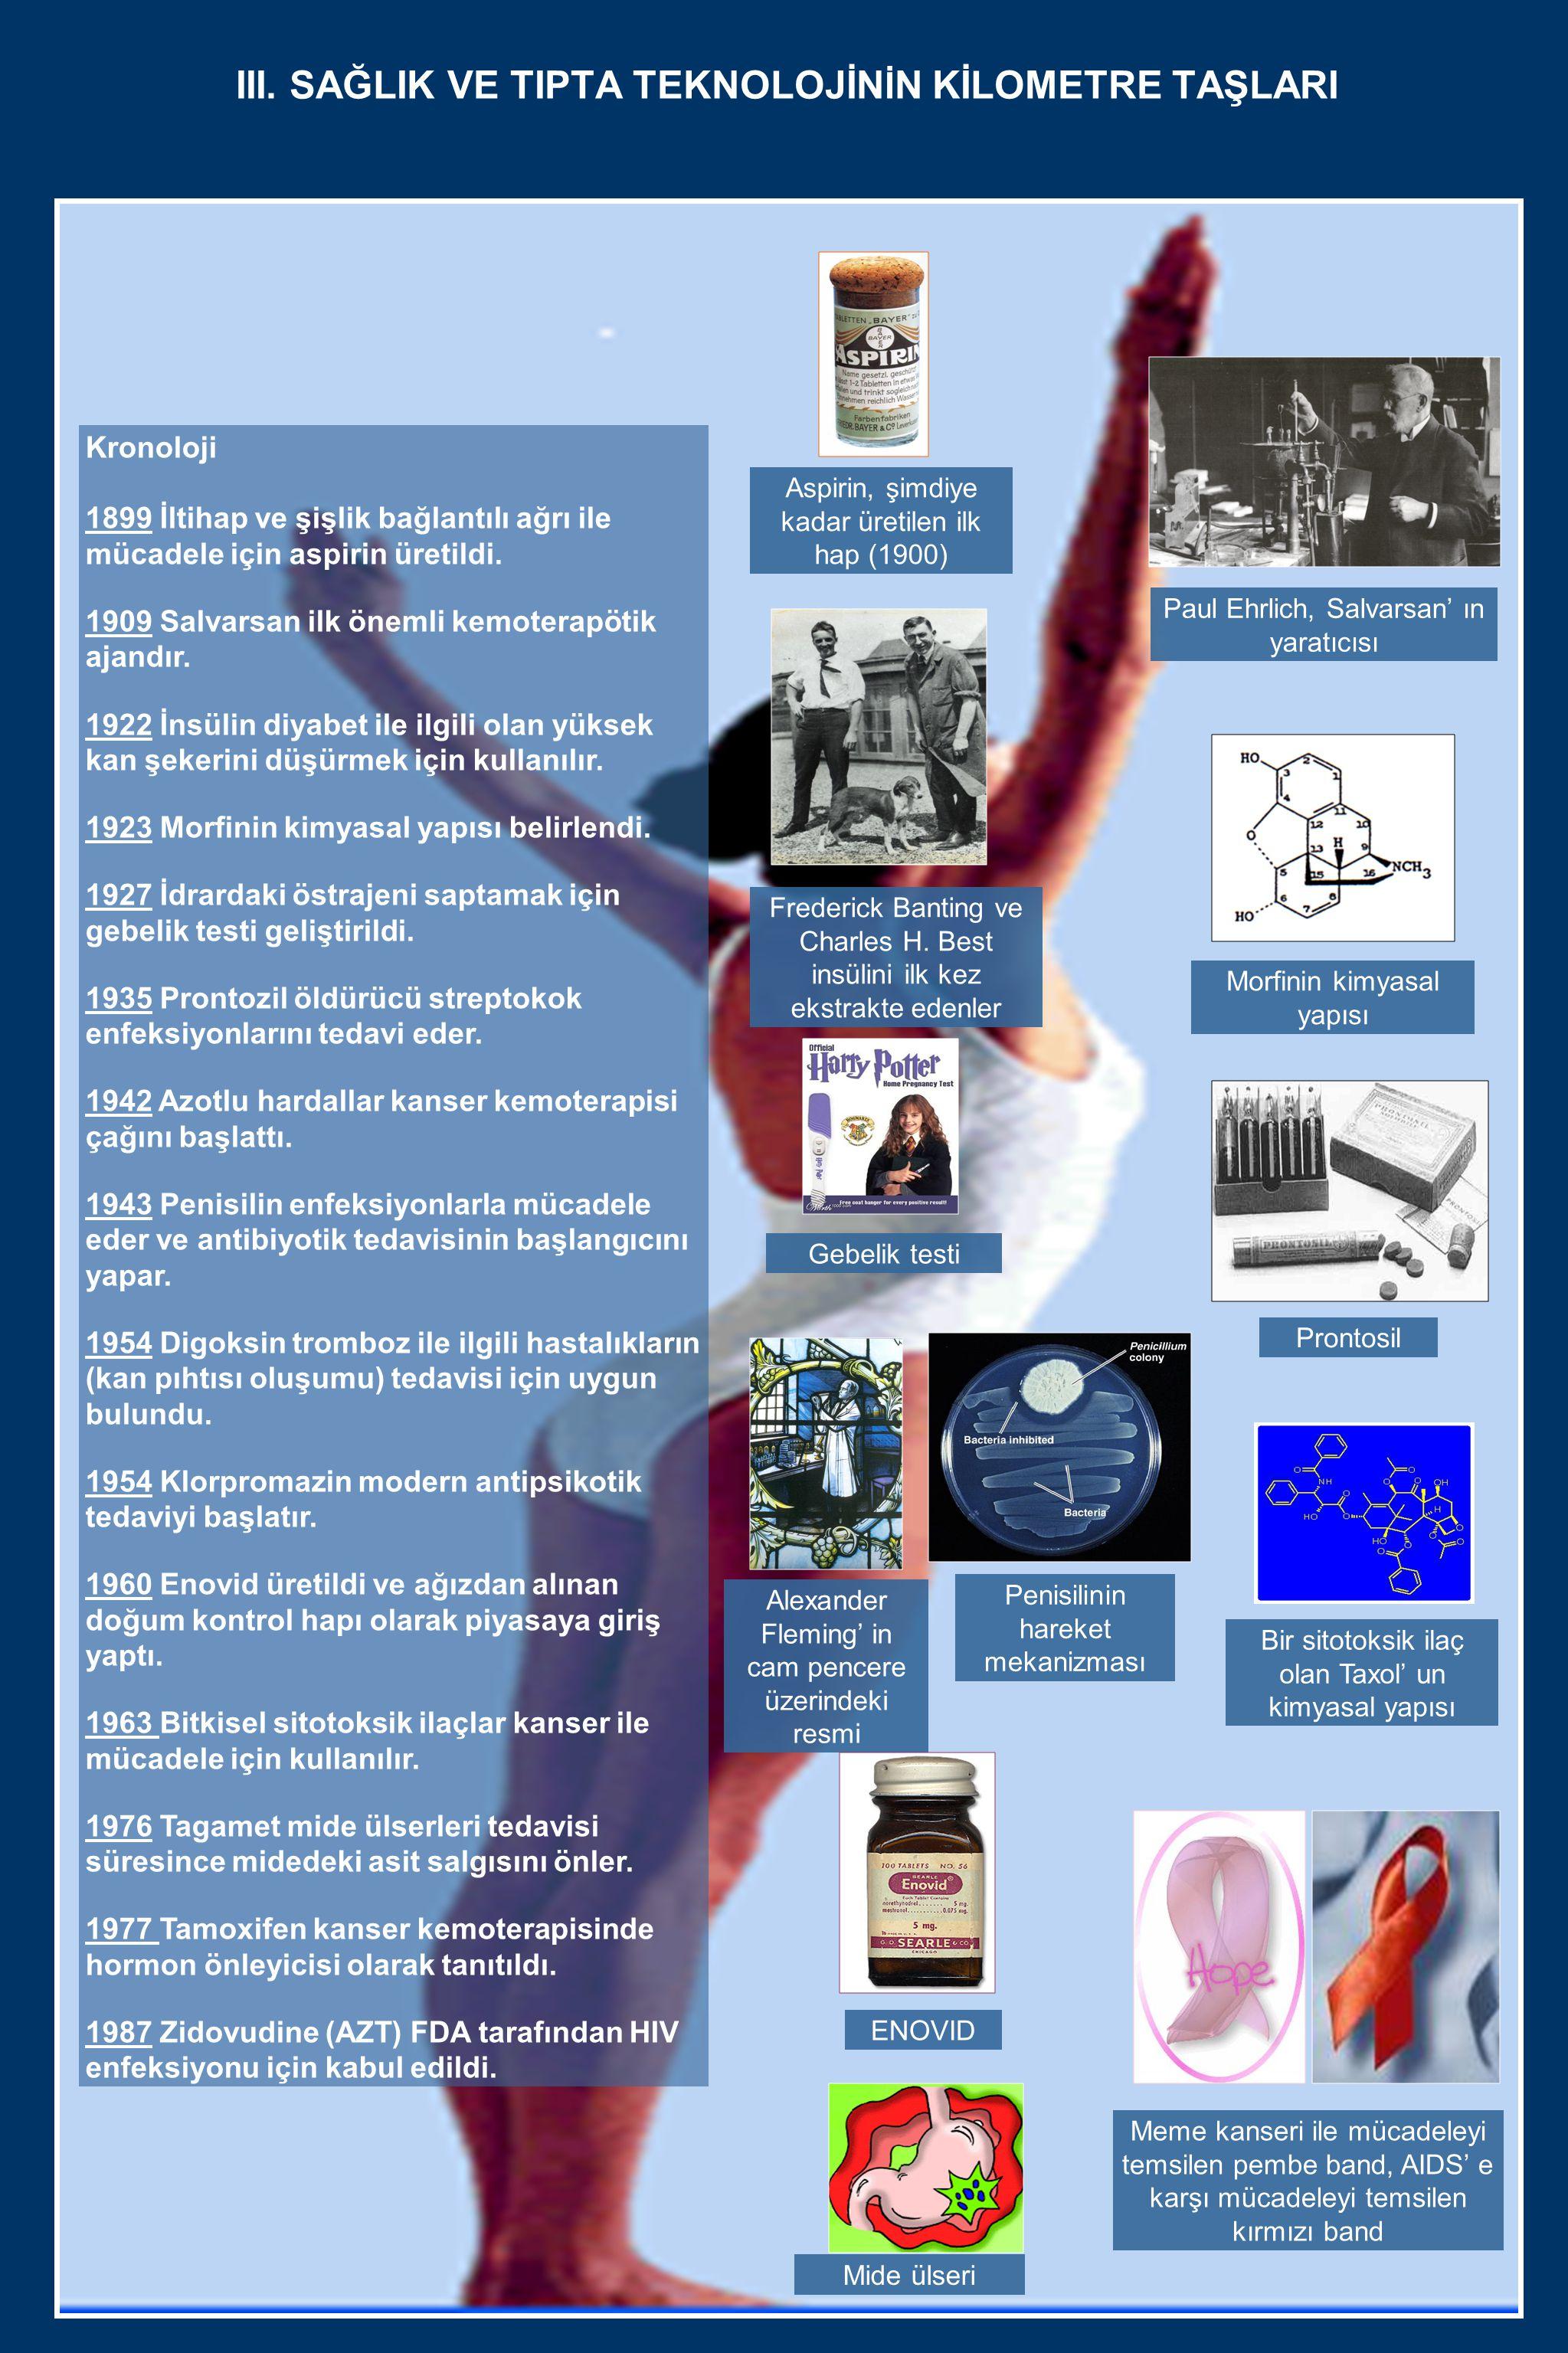 III. SAĞLIK VE TIPTA TEKNOLOJİN İ N KİLOMETRE TAŞLARI Kronoloji 1899 İltihap ve şişlik bağlantılı ağrı ile mücadele için aspirin üretildi. 1909 Salvar